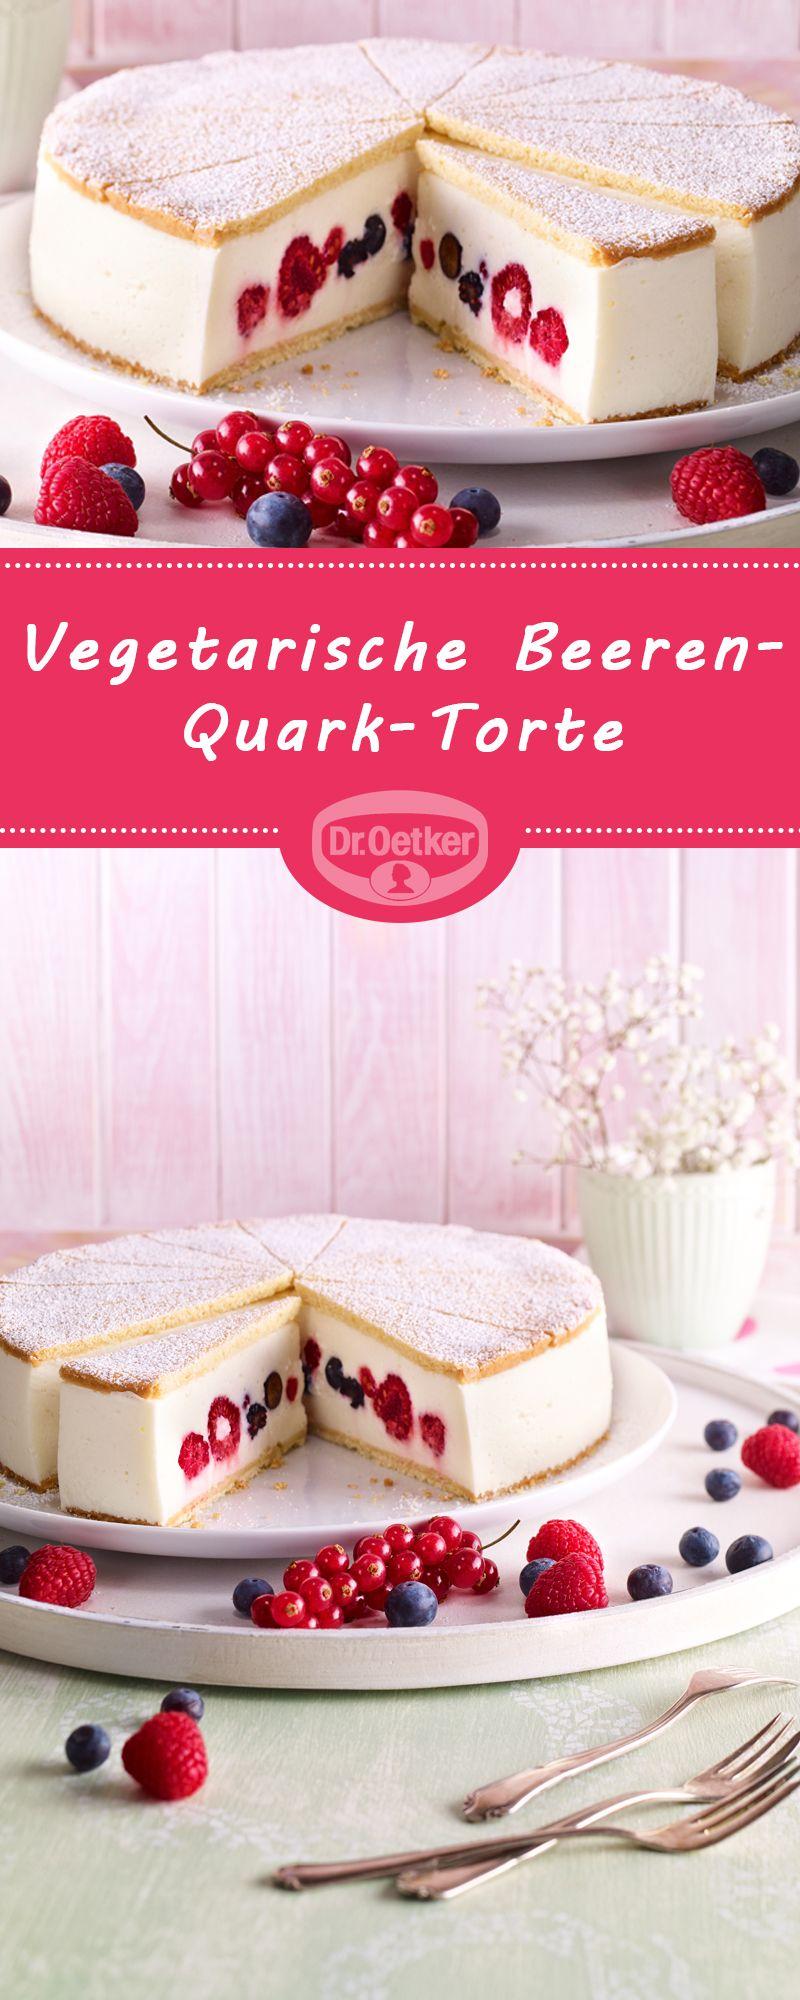 Vegetarische Beeren Quark Torte Rezept Obst Rezepte Pinterest